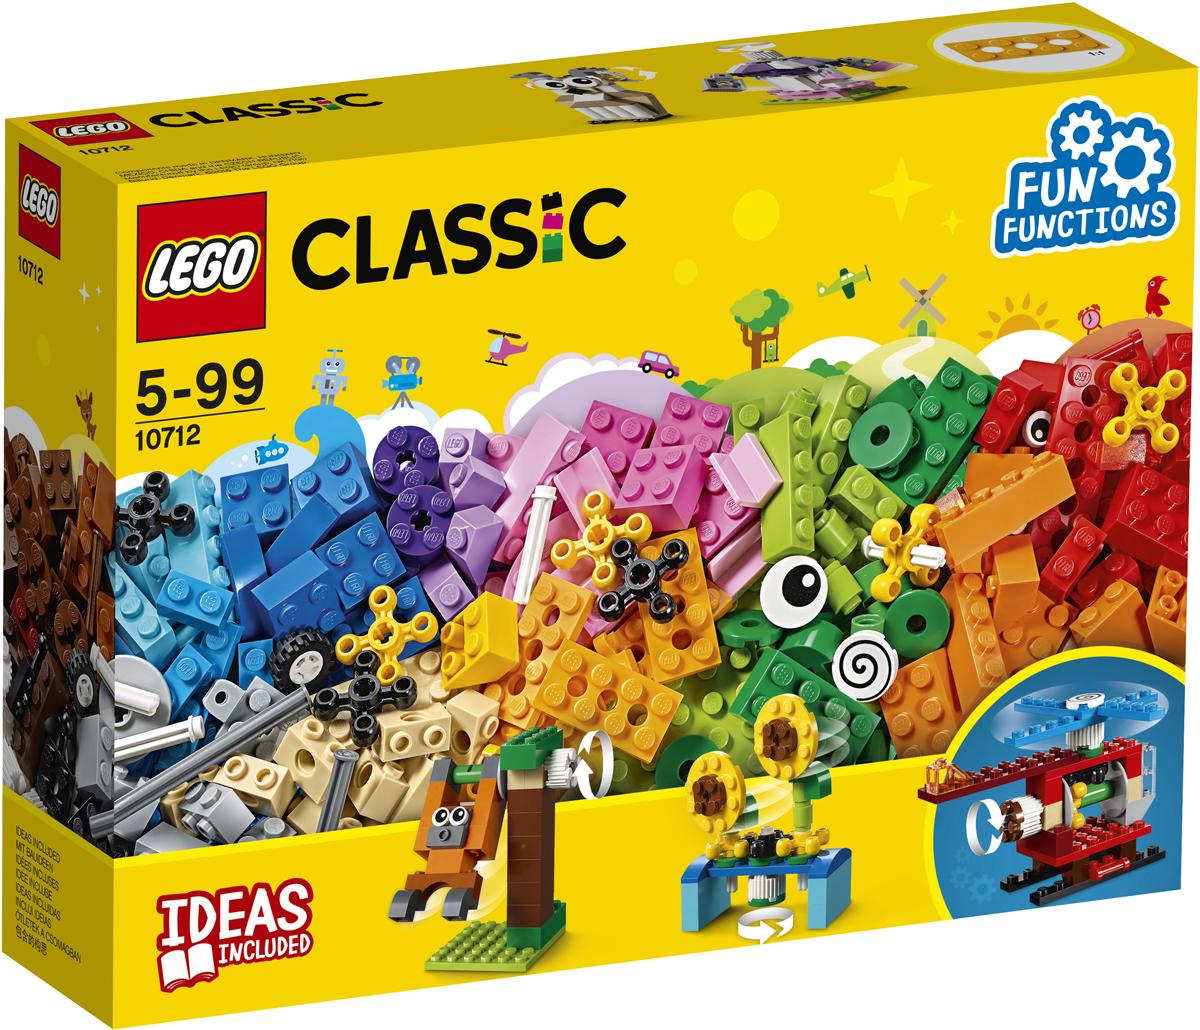 LEGO Classic Конструктор Кубики и механизмы 10712 2000708 lego education набор с запасными частями машины и механизмы 1